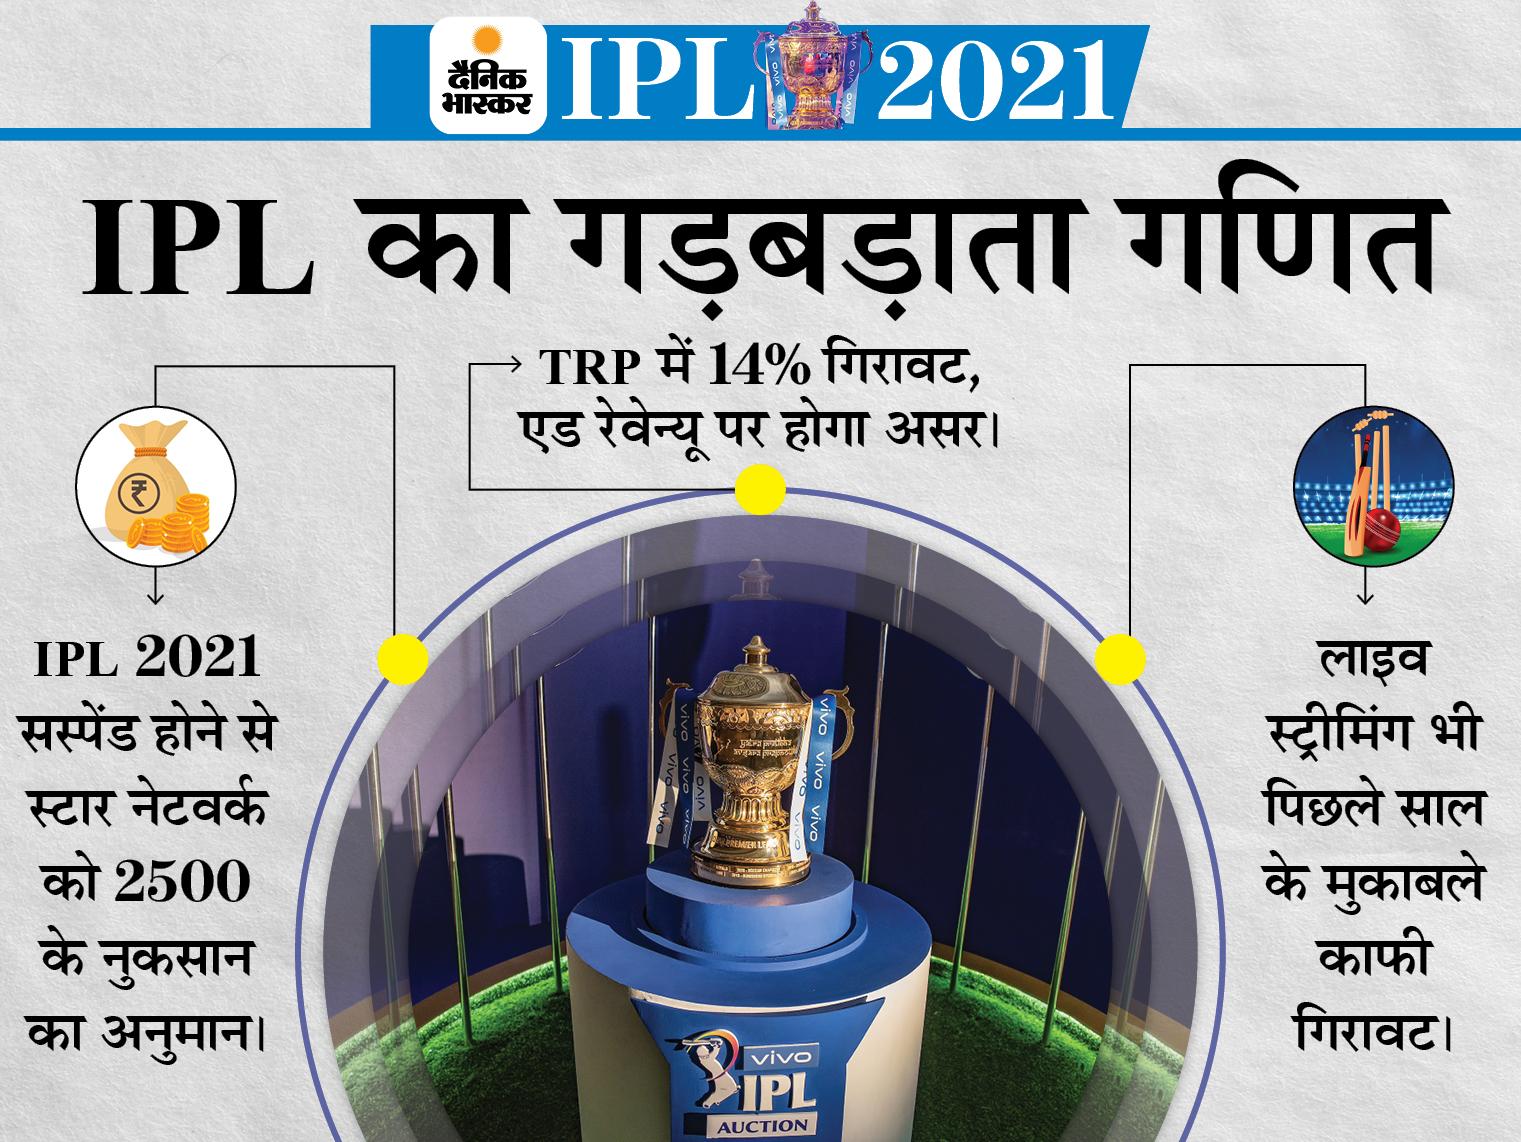 TRP में 14% की गिरावट, कोरोना से जूझ रहे देश को मनोरंजन देने में भी नाकाम; विज्ञापनों से इनकम घटने की भी थी आशंका टीवी,TV - Dainik Bhaskar